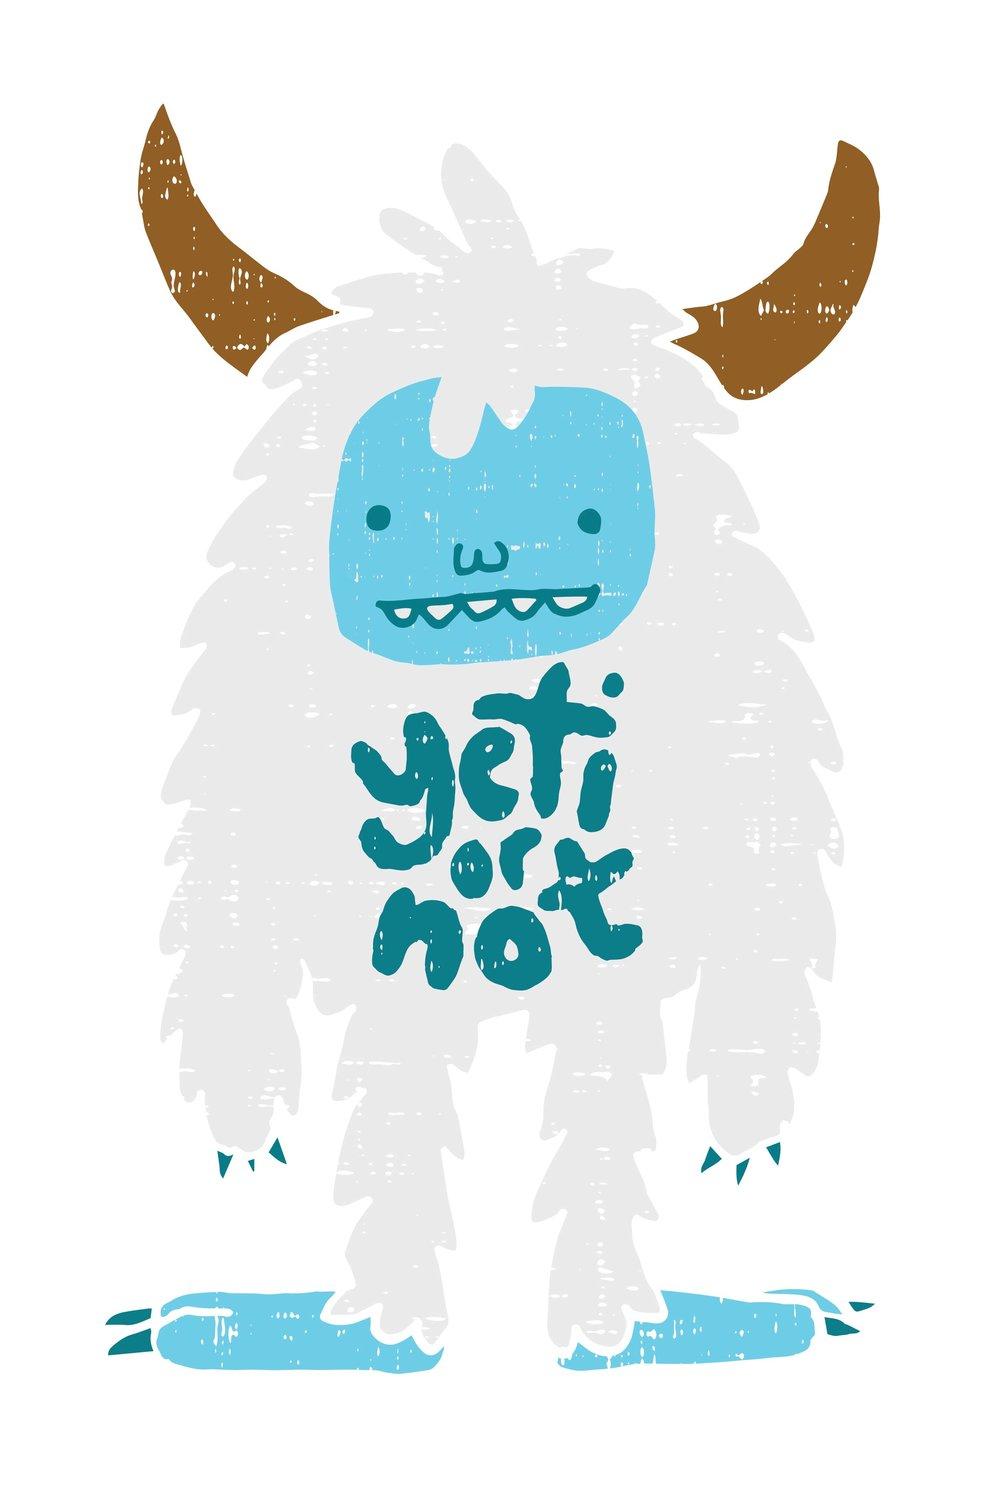 YetiOrNot_Yeti-2-01.jpg